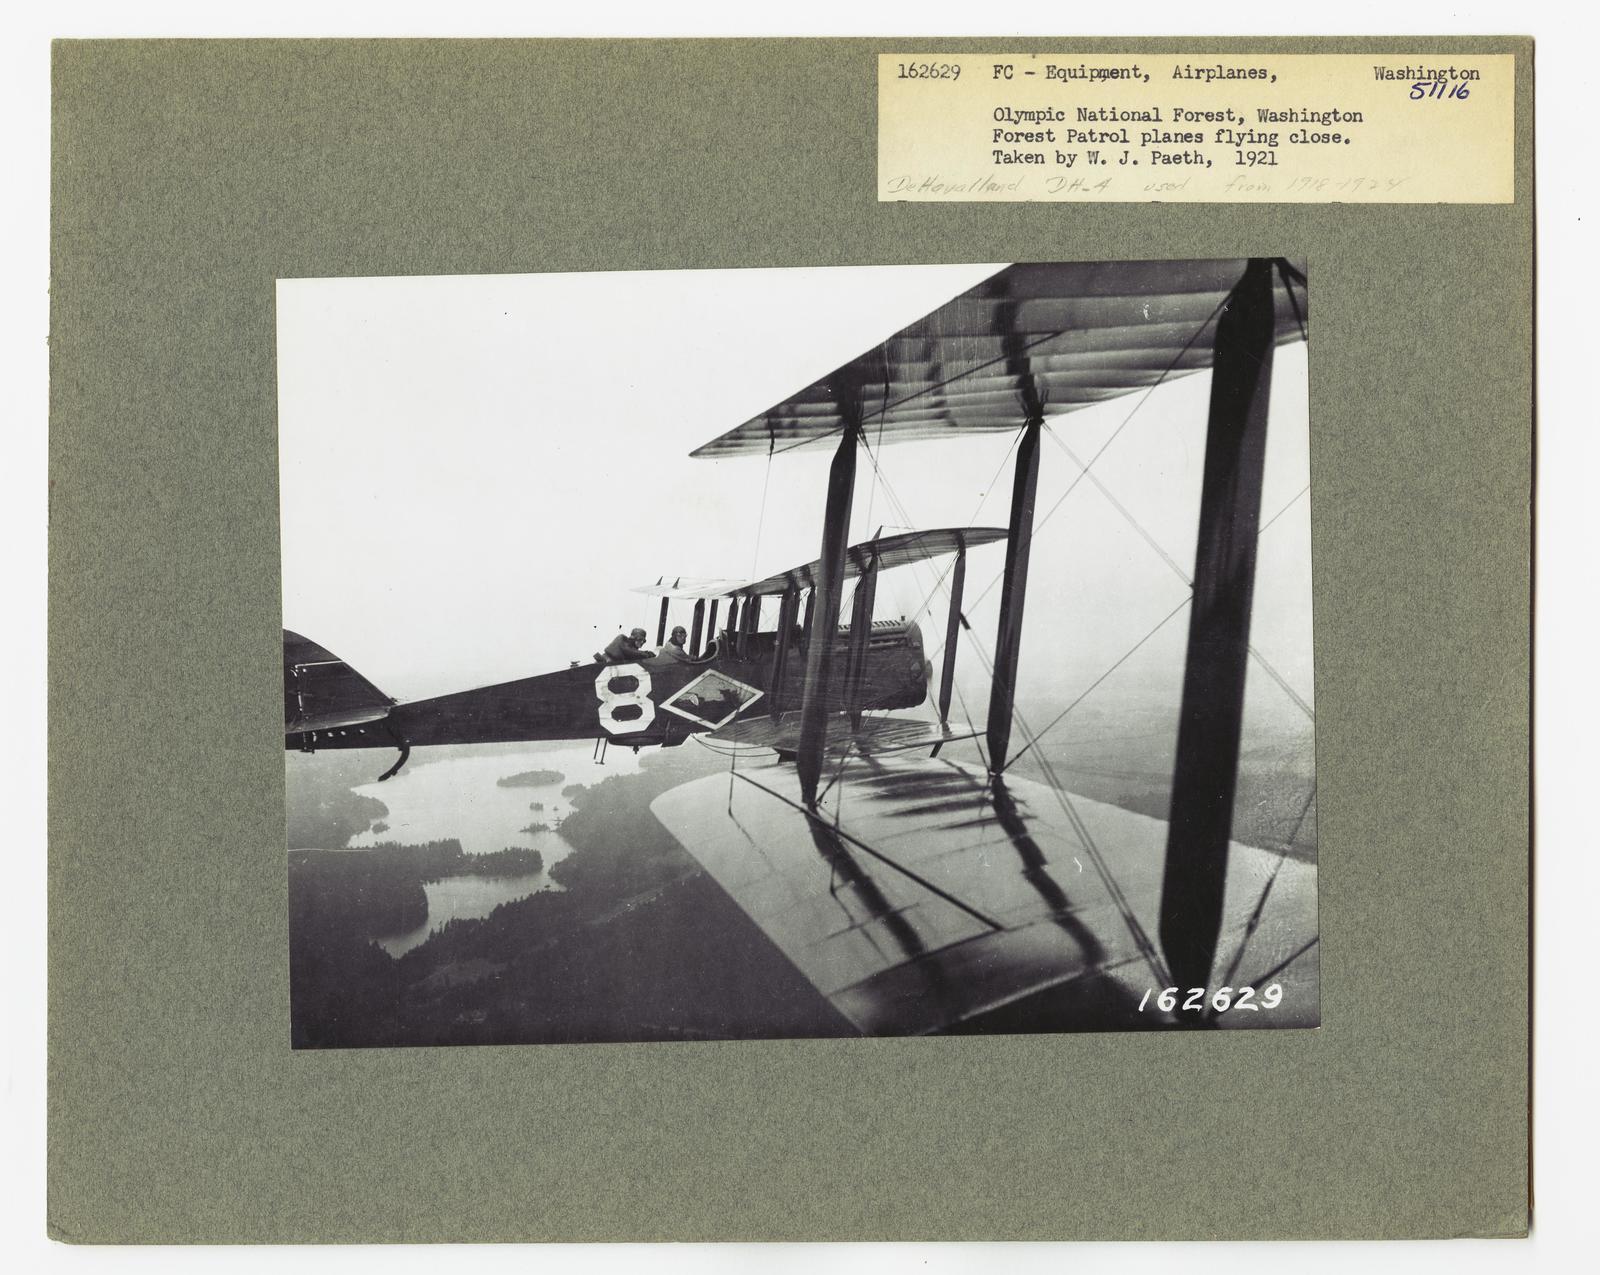 Aircraft and Airports - Washington